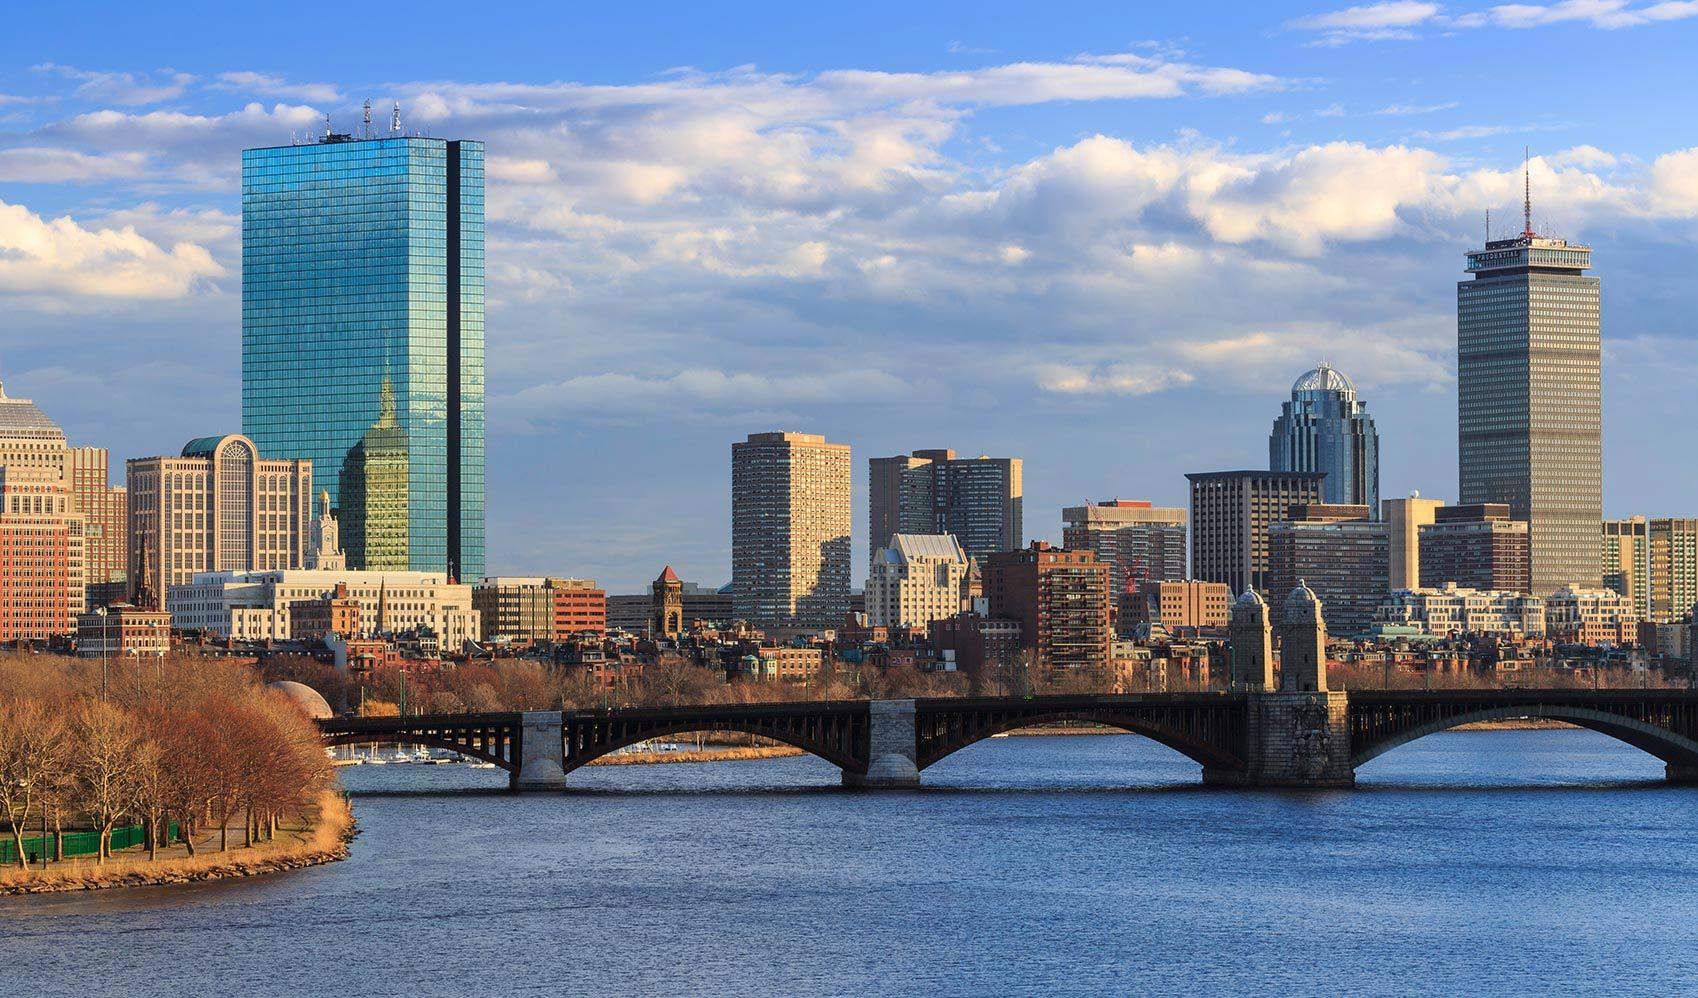 boston điểm dừng thú vị du lịch phượt Mỹ